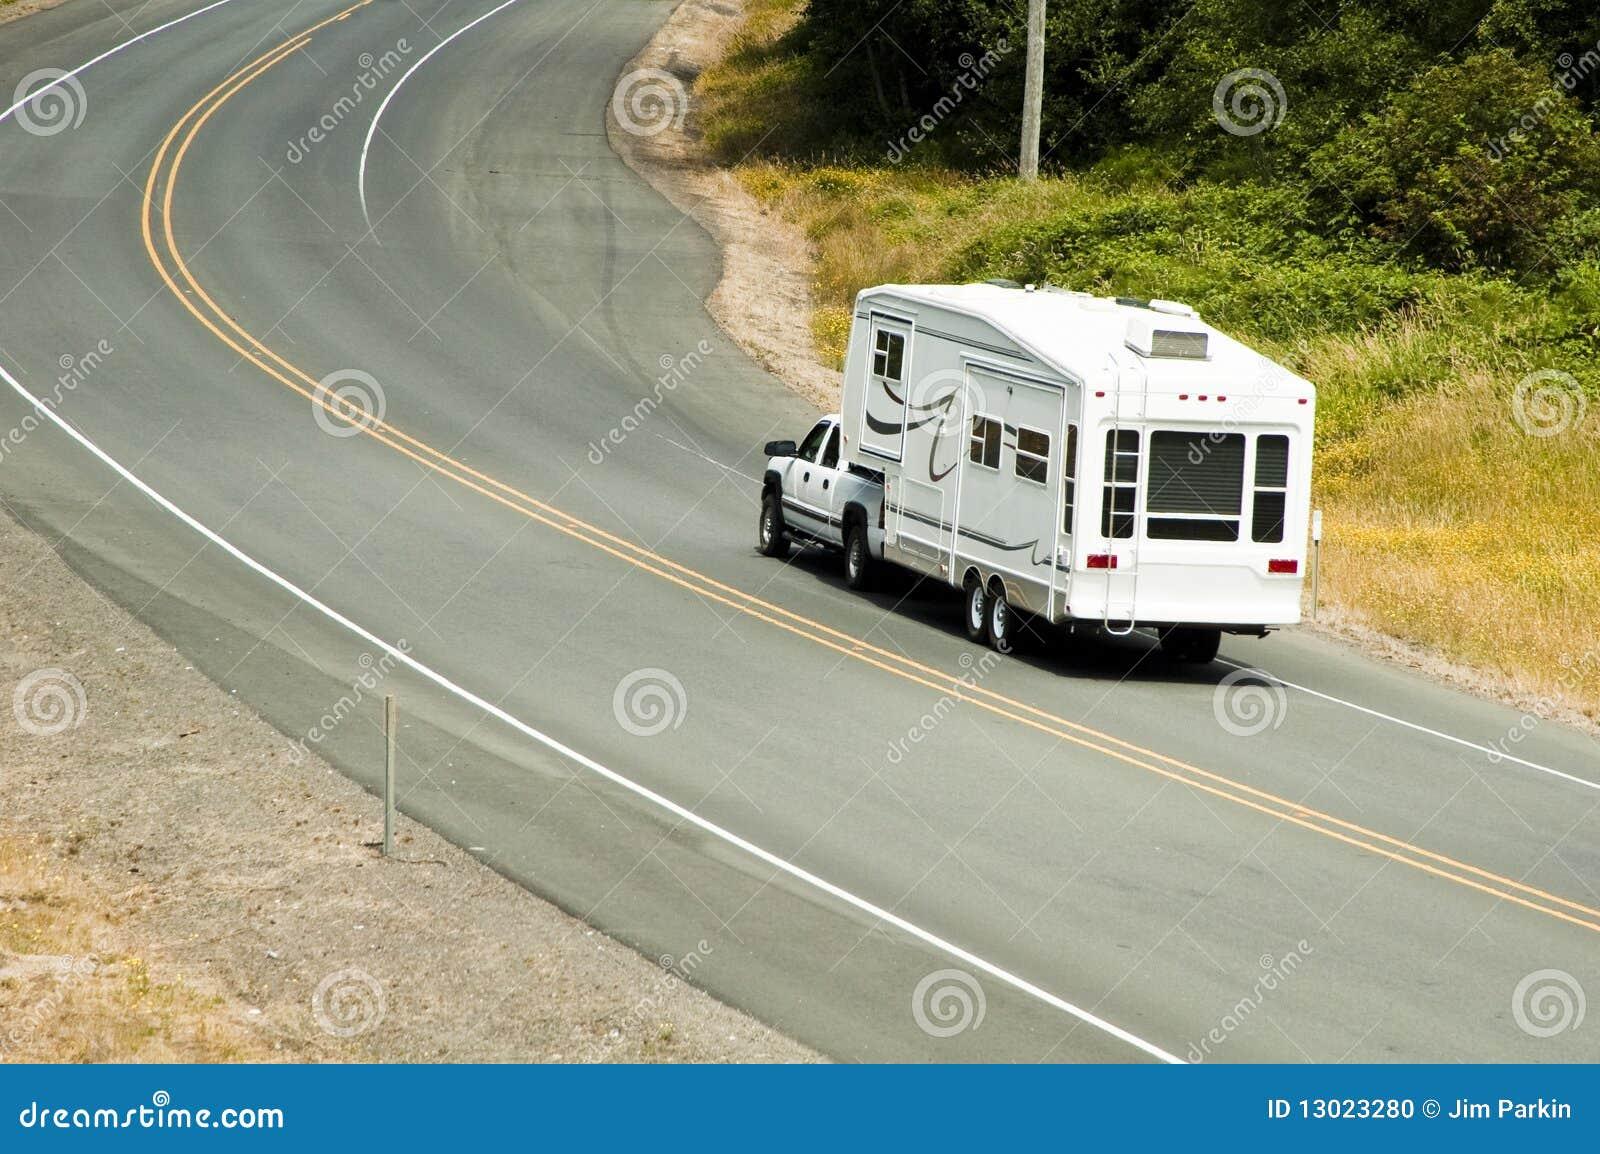 Recreatieve voertuigen op de weg